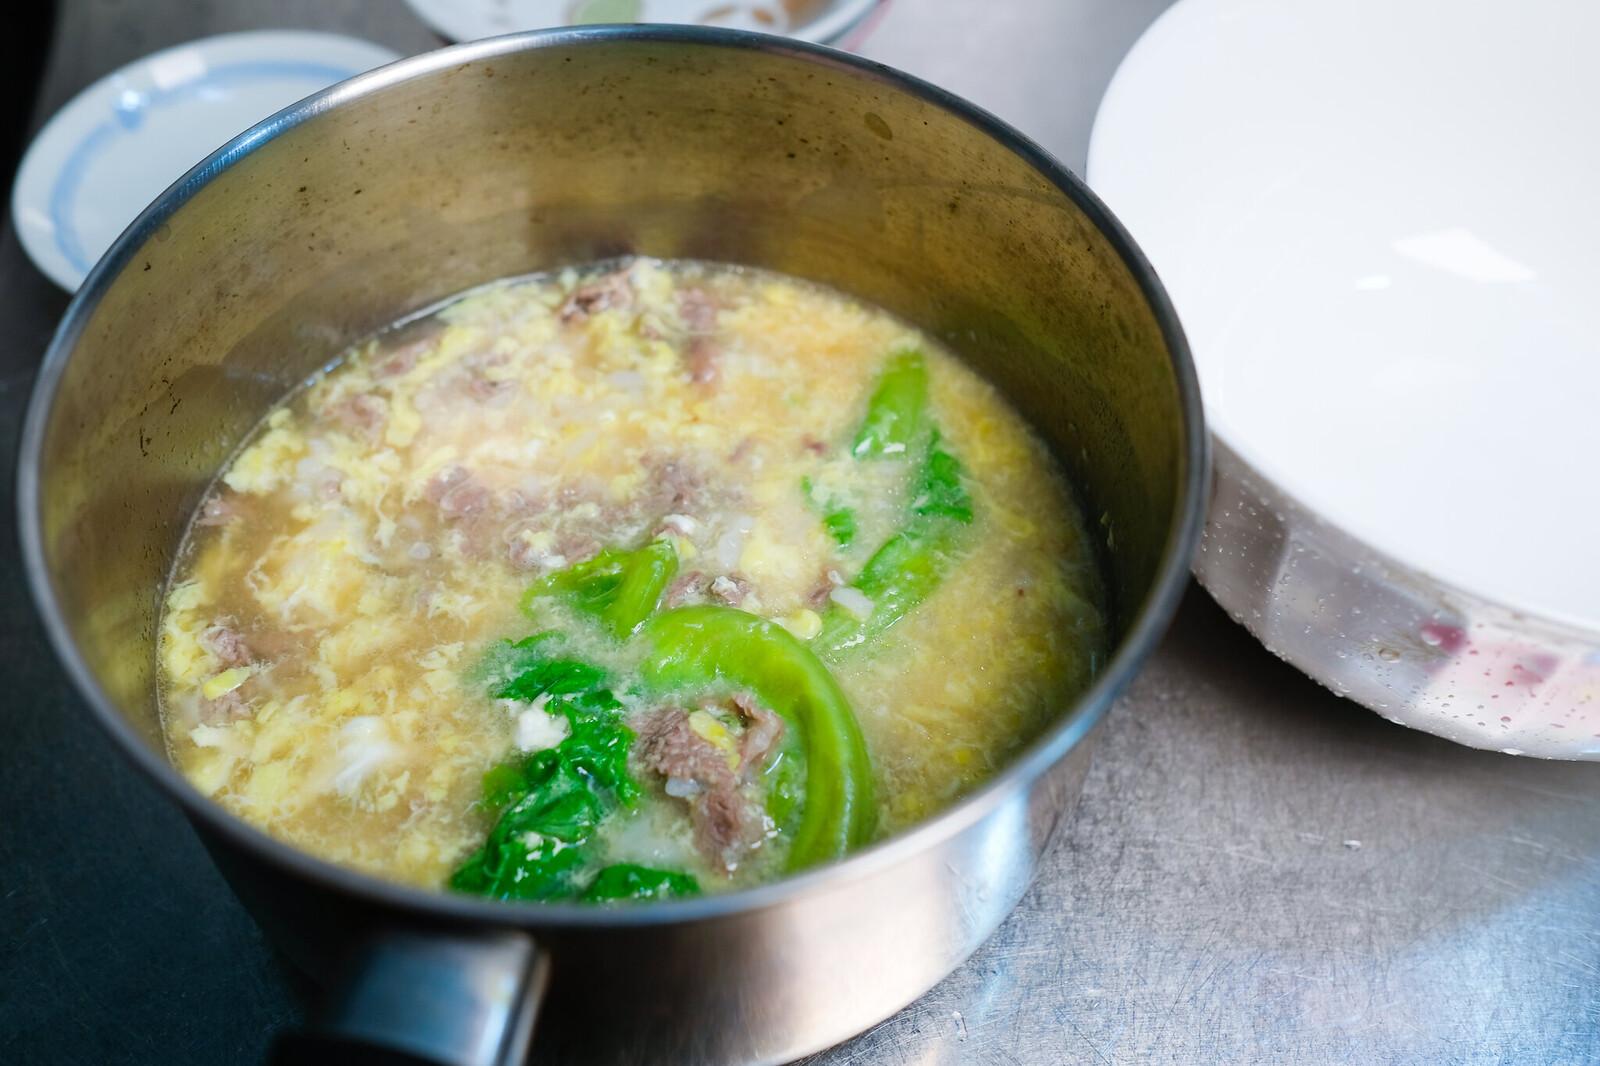 老協珍熬湯粥-牛肉蔬菜滑蛋-完成